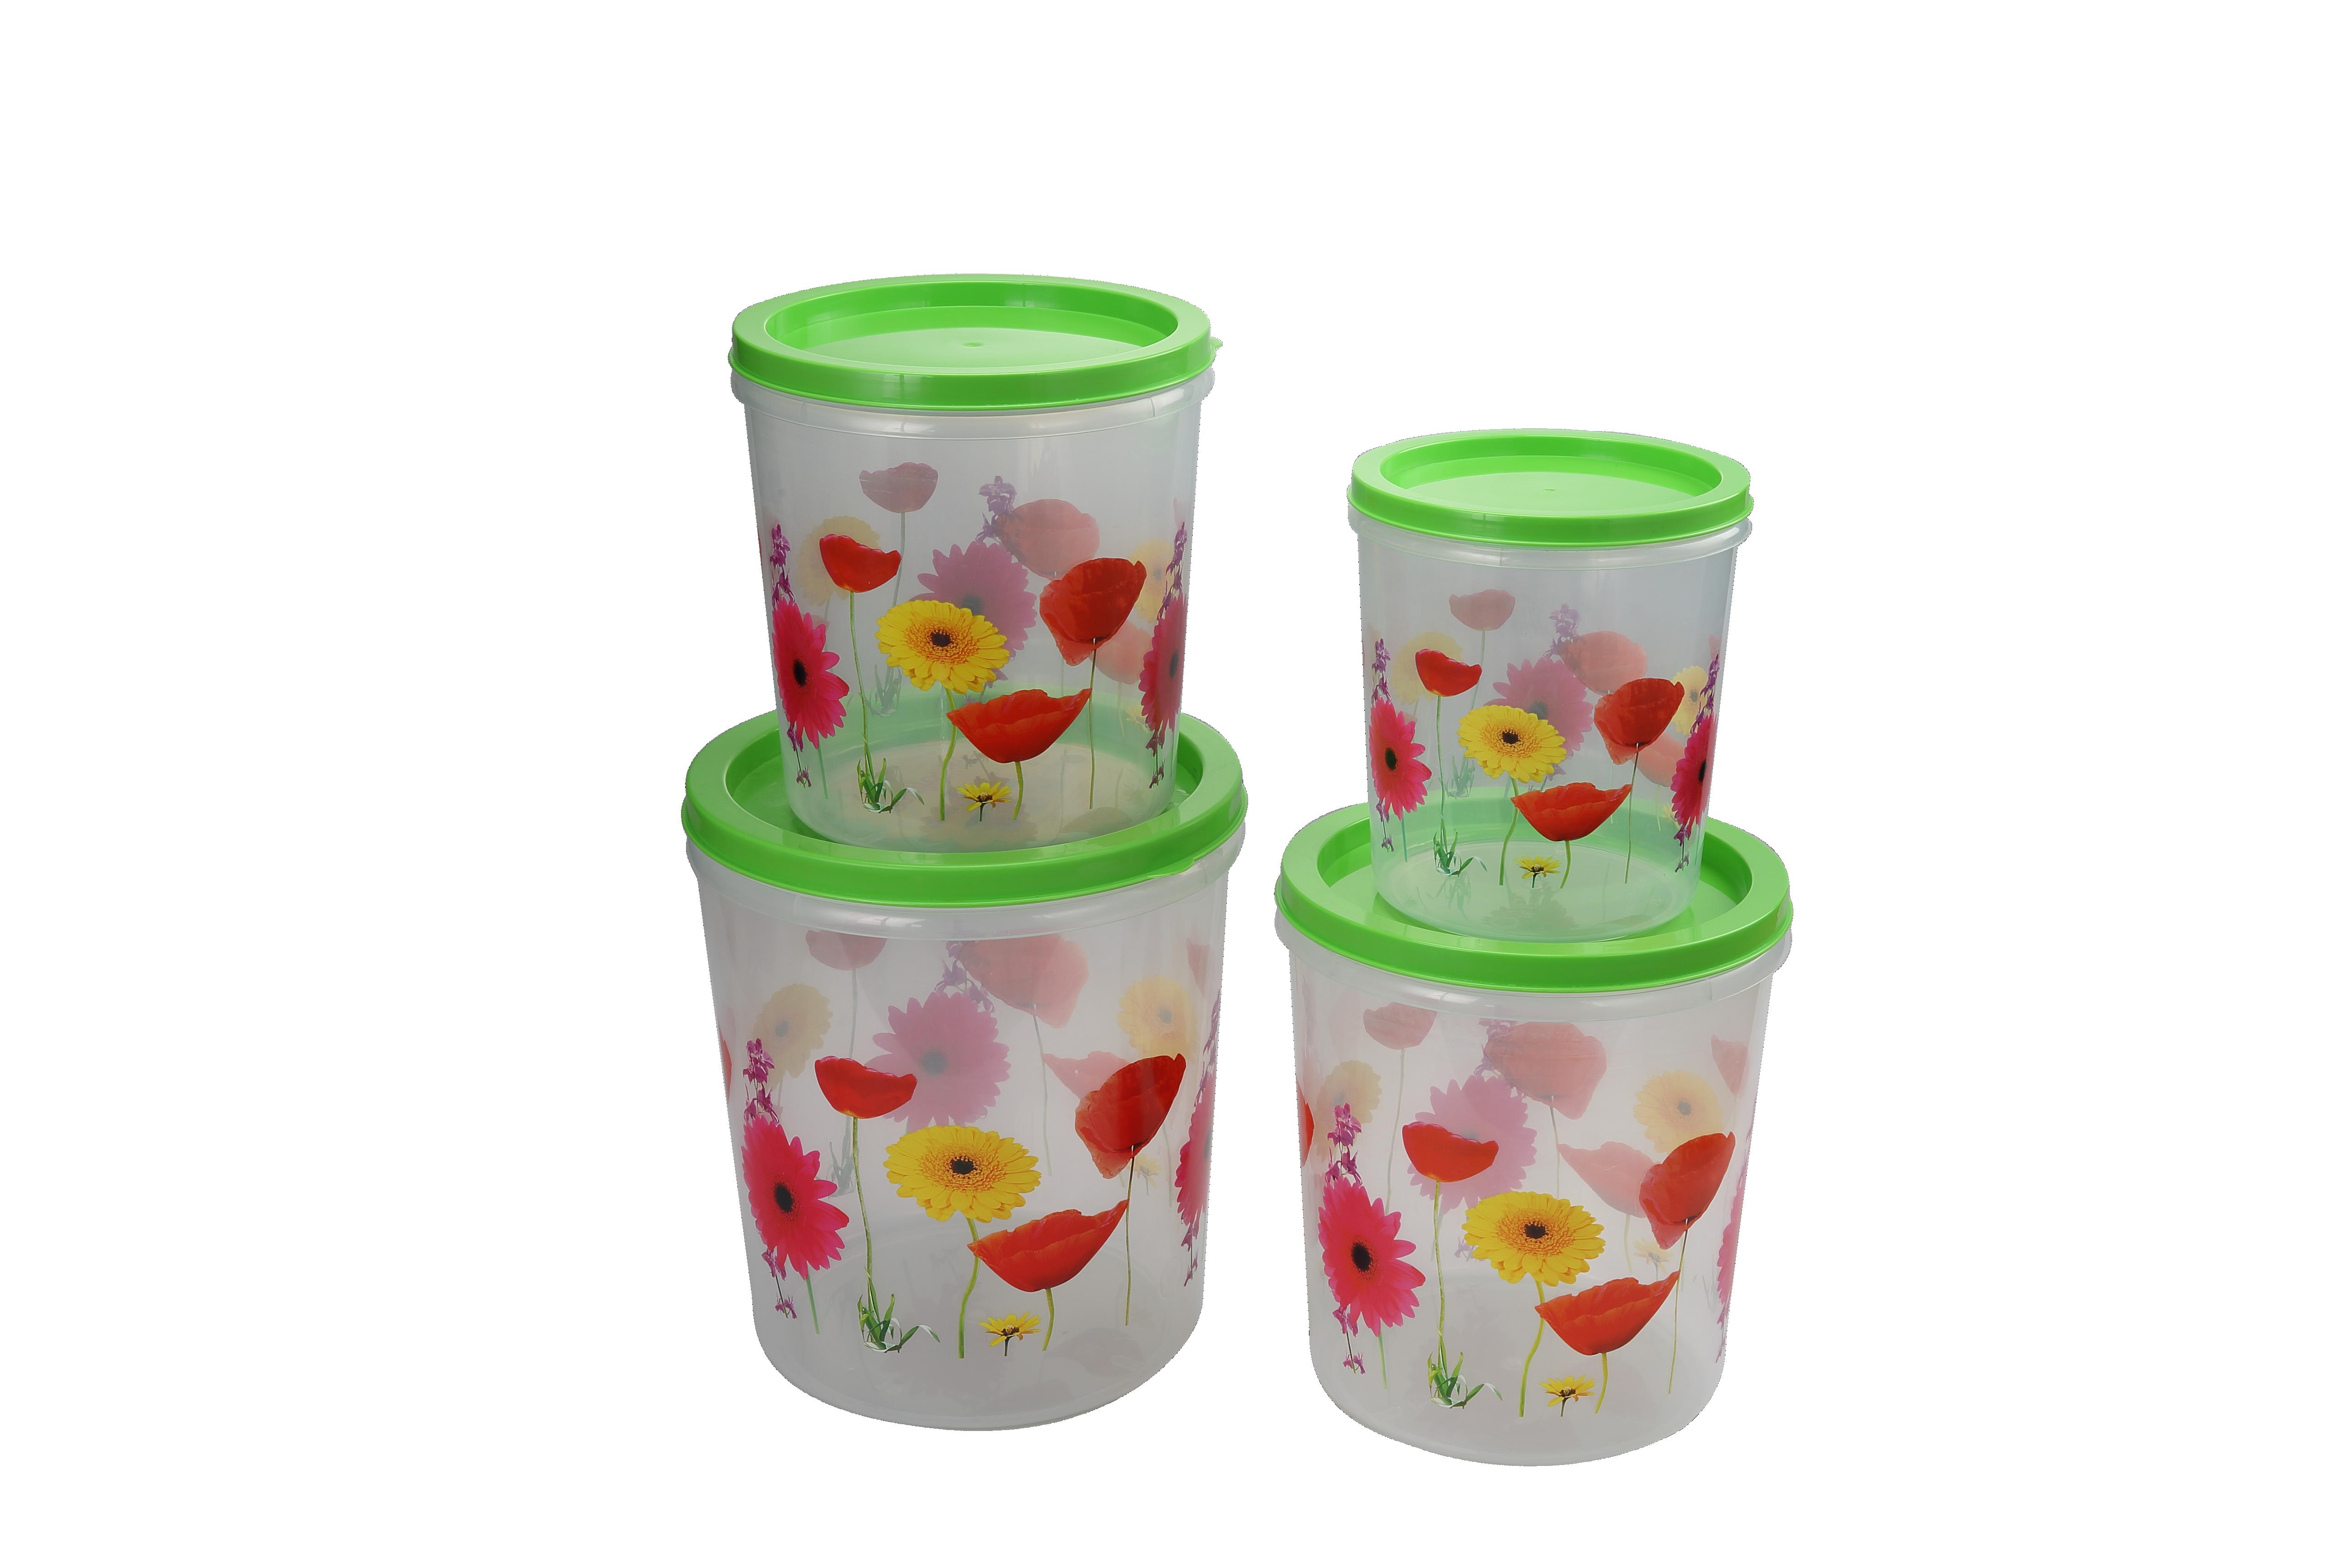 Sun Flower Container 4 pcs Set